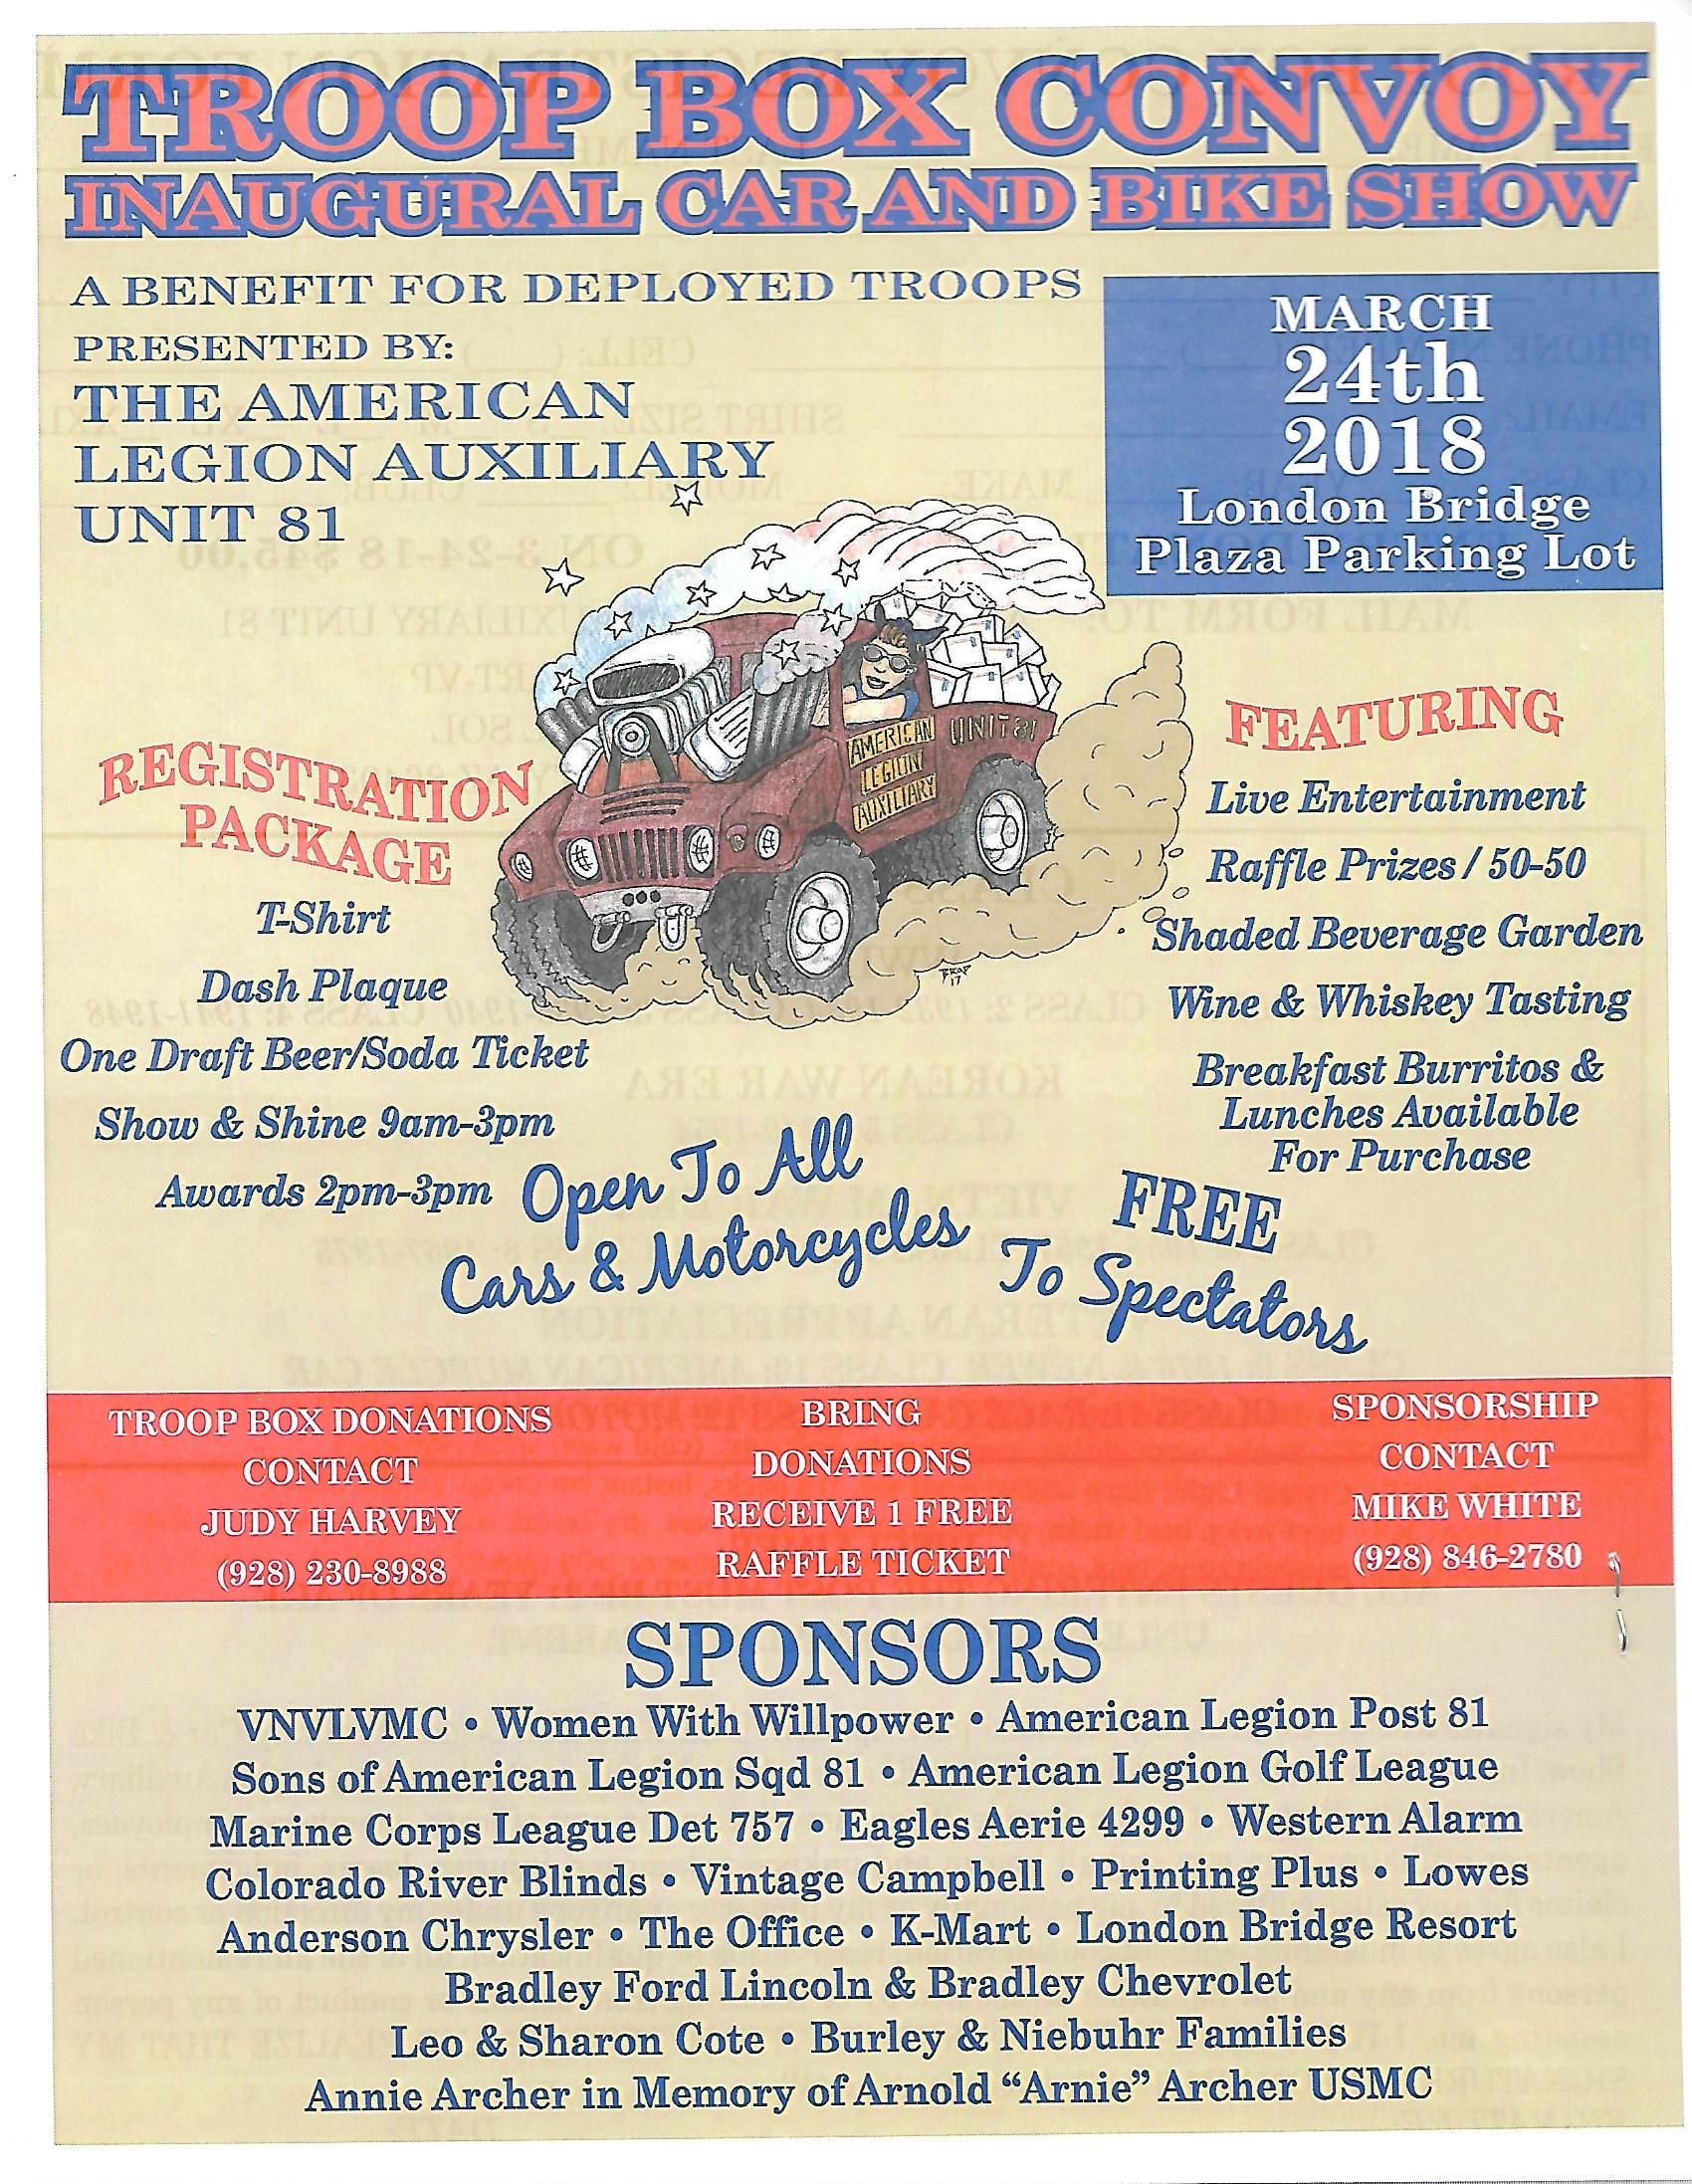 Troop Box Convoy Inaugural Car And Bike Show